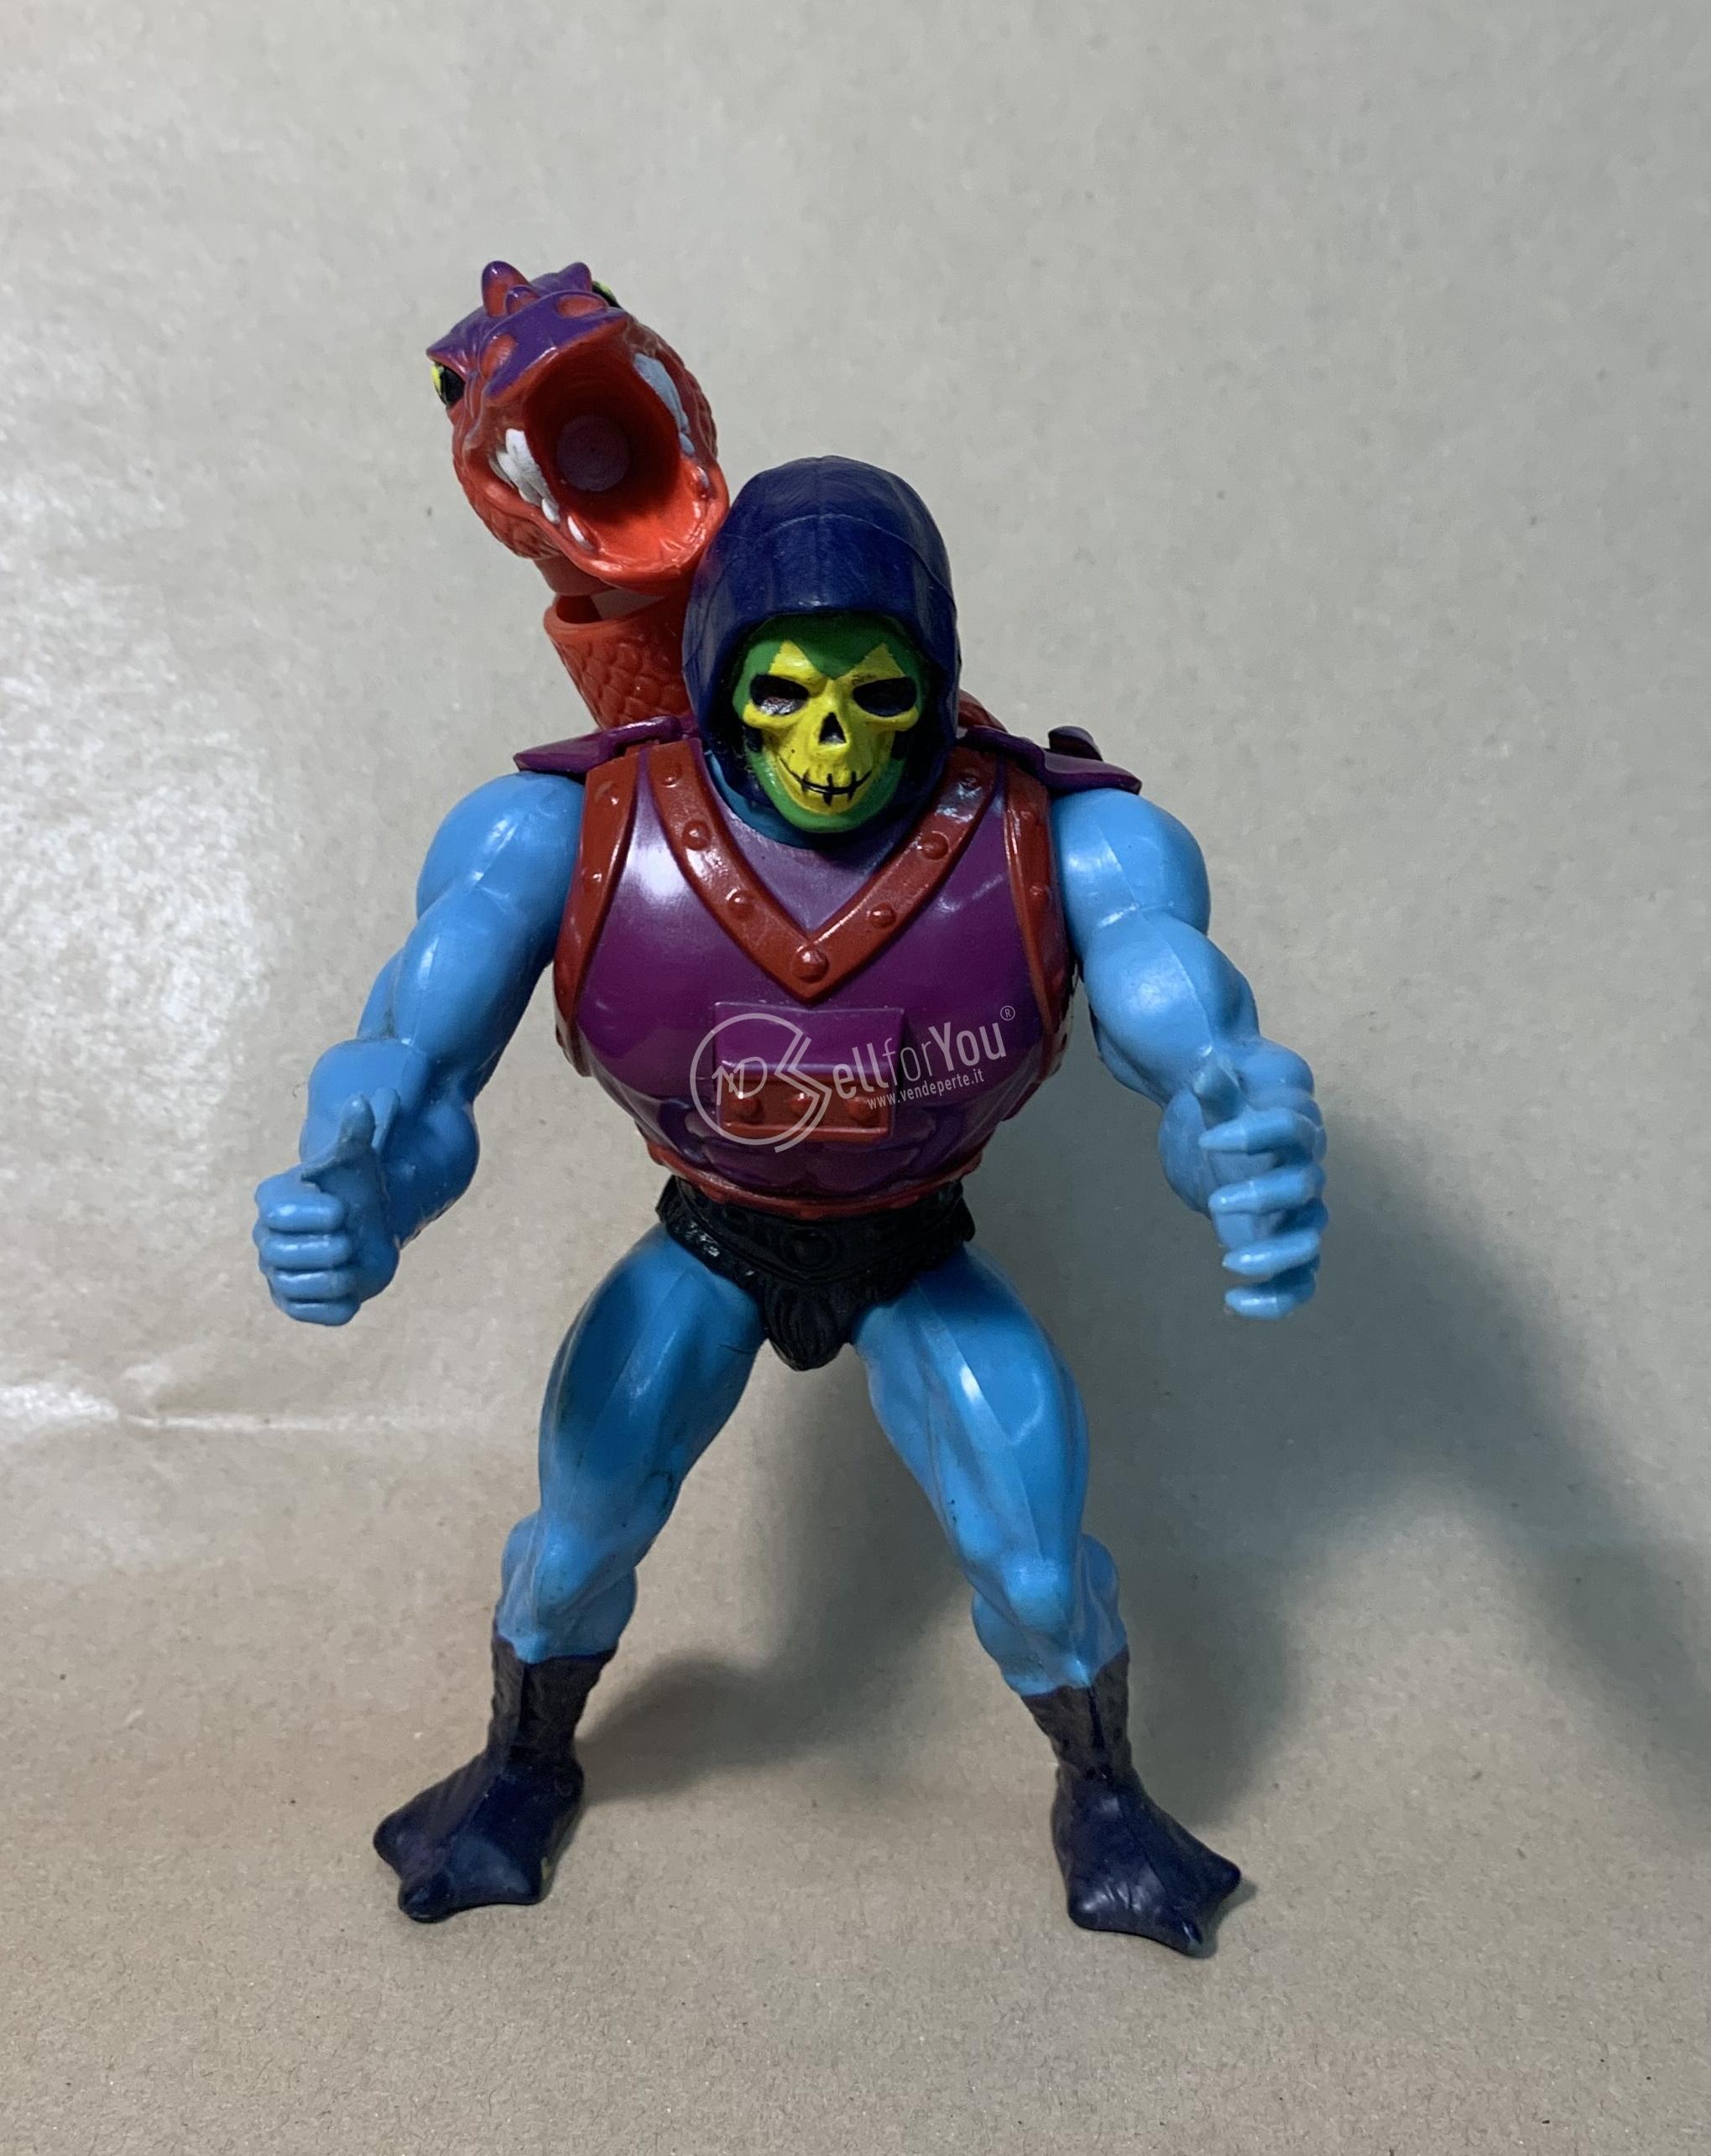 sellforyou immagine default articolo correlato non trovatoMasters of the Universe Skeletor dragon blaster Mattel